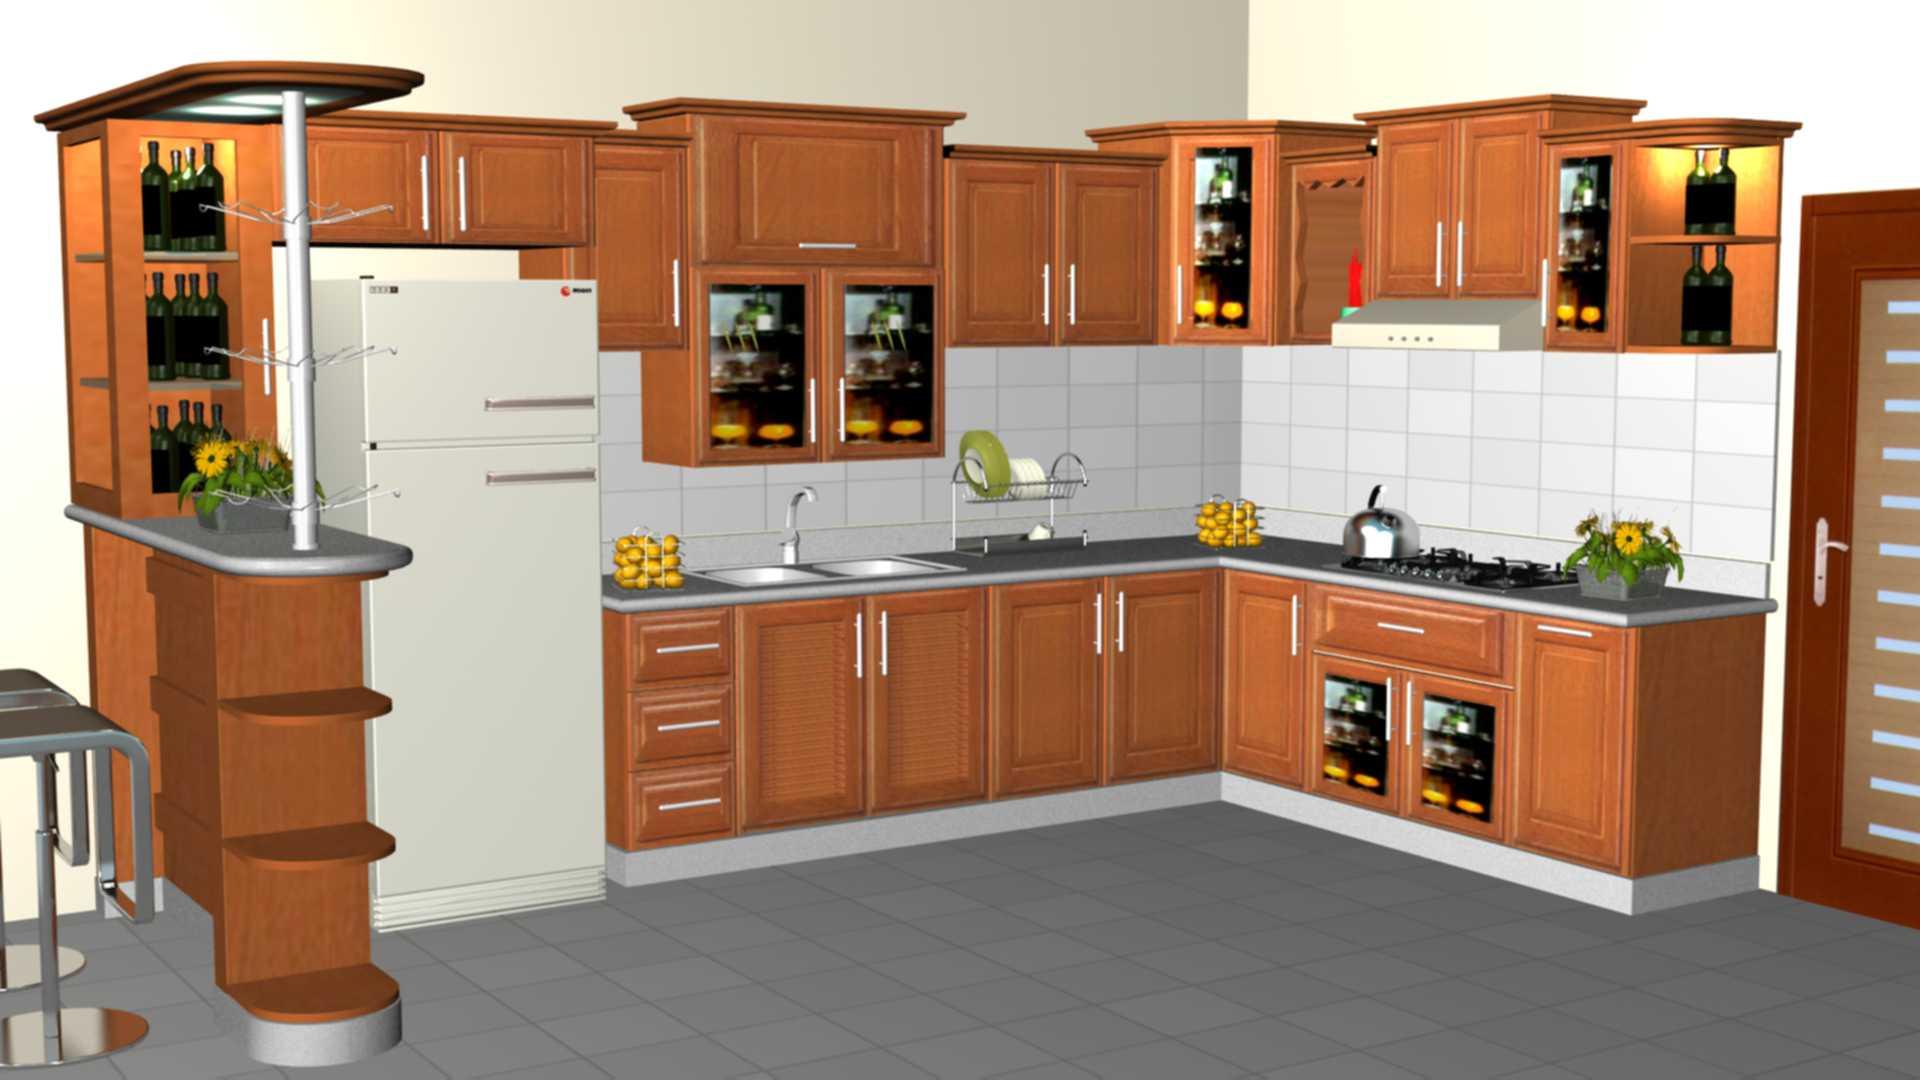 Tủ Bếp Dạng Chữ L Cho Phòng Bếp Gia Đình - Gỗ Gỏ Đỏ Hiện Đại-065